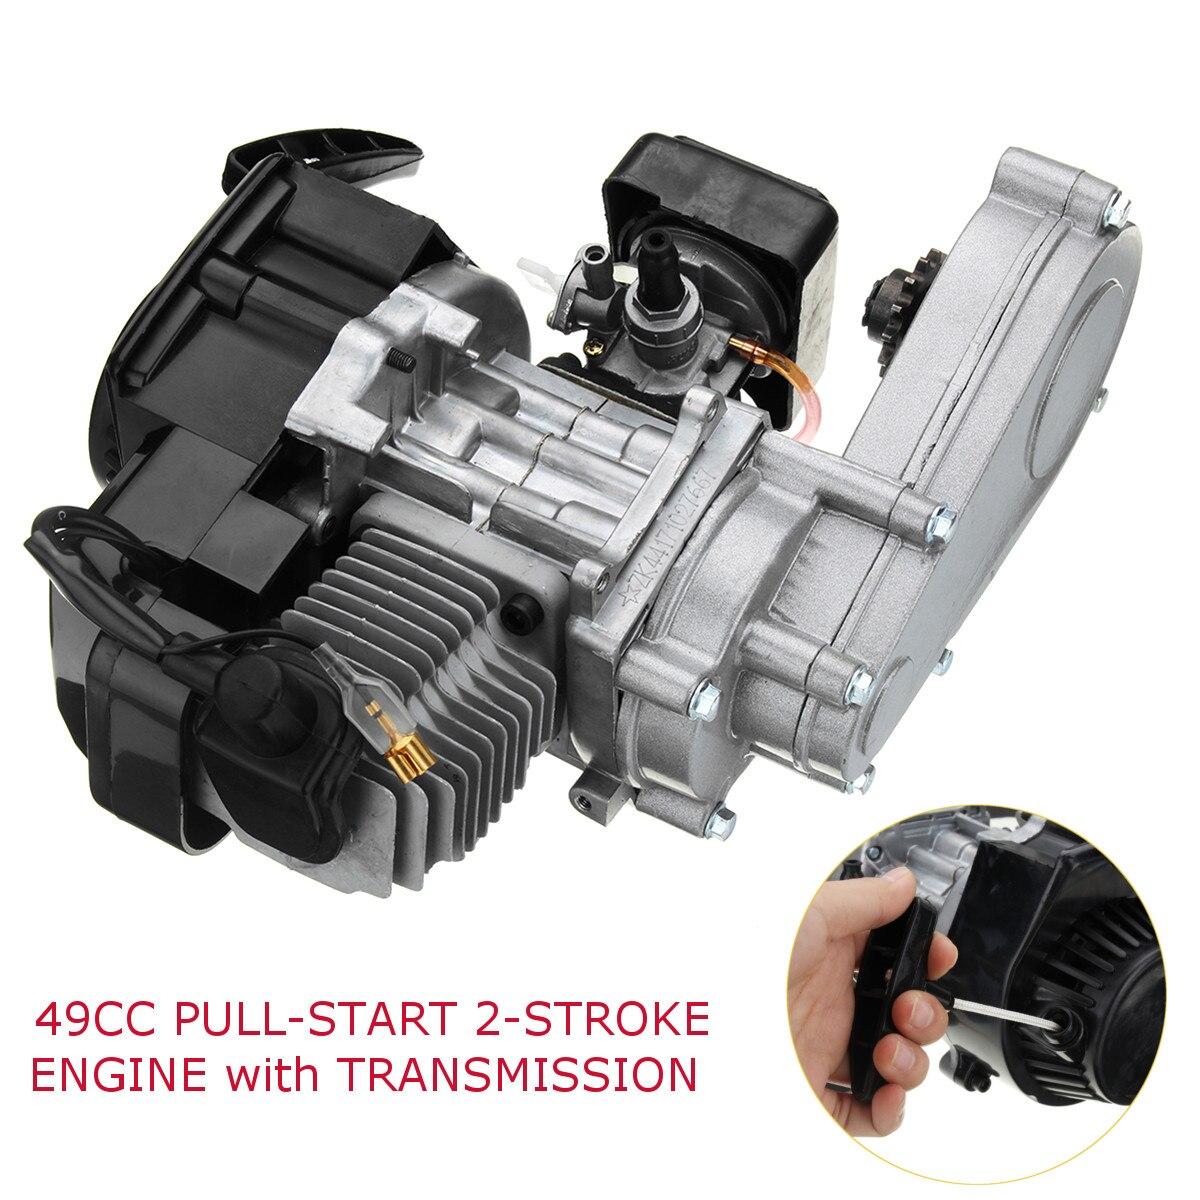 49cc двигателя 2 х тактный двигатель с коробкой передач для карманного велосипеда мини ATV мотоцикла